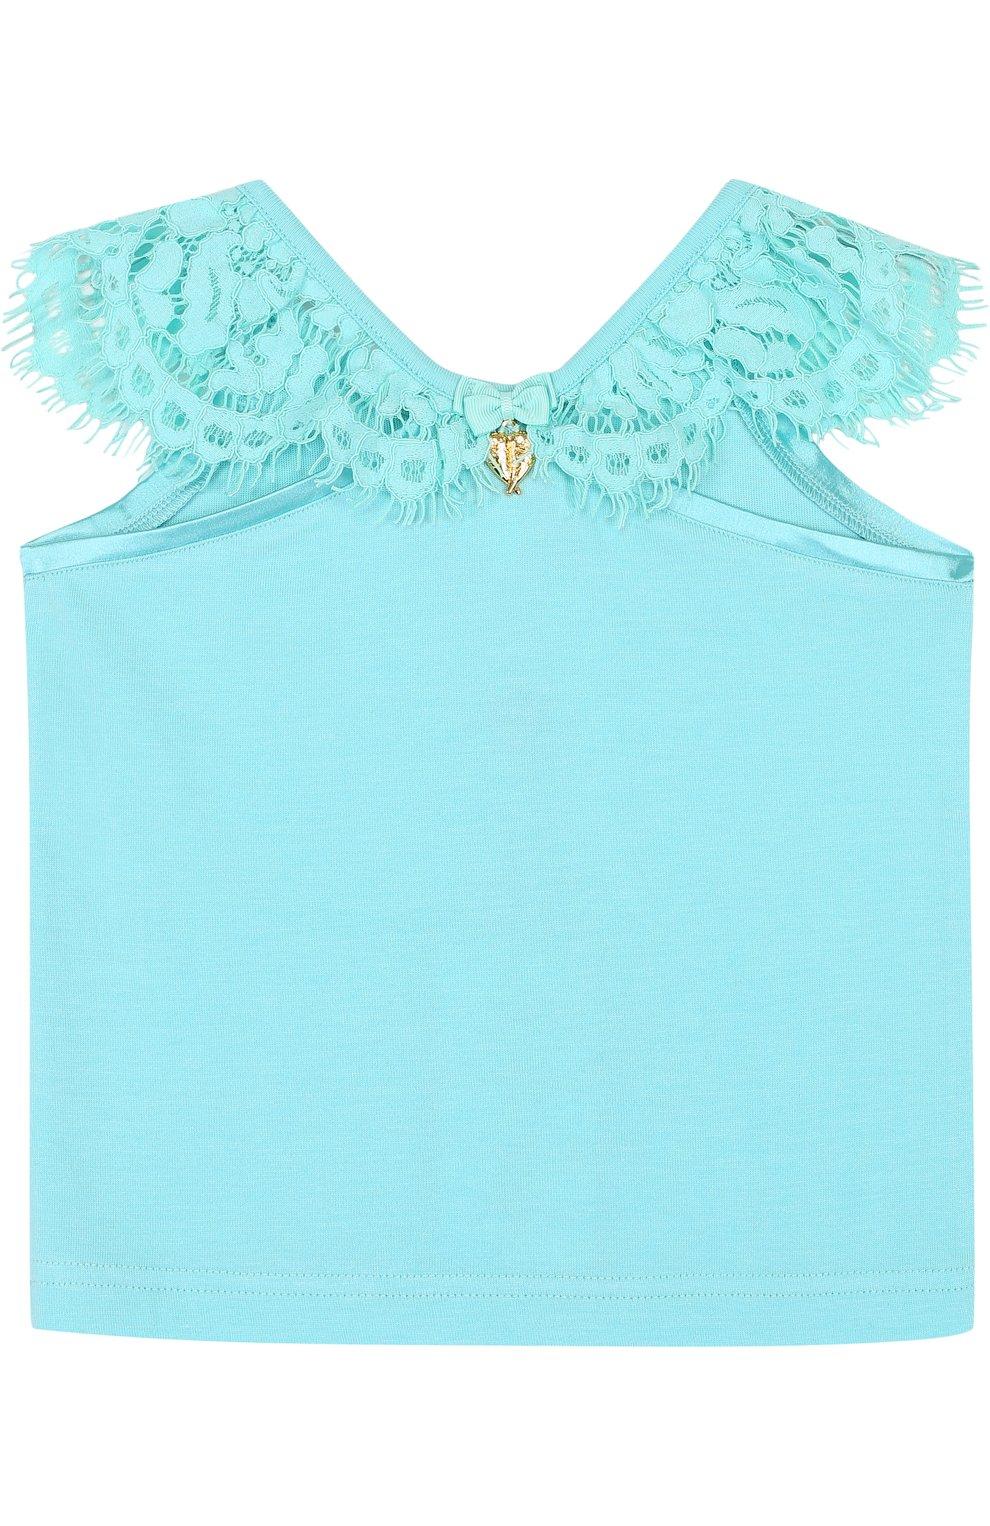 Детский топ джерси с кружевной отделкой и открытыми плечами ANGEL'S FACE голубого цвета, арт. LUCILLE/8-9   Фото 2